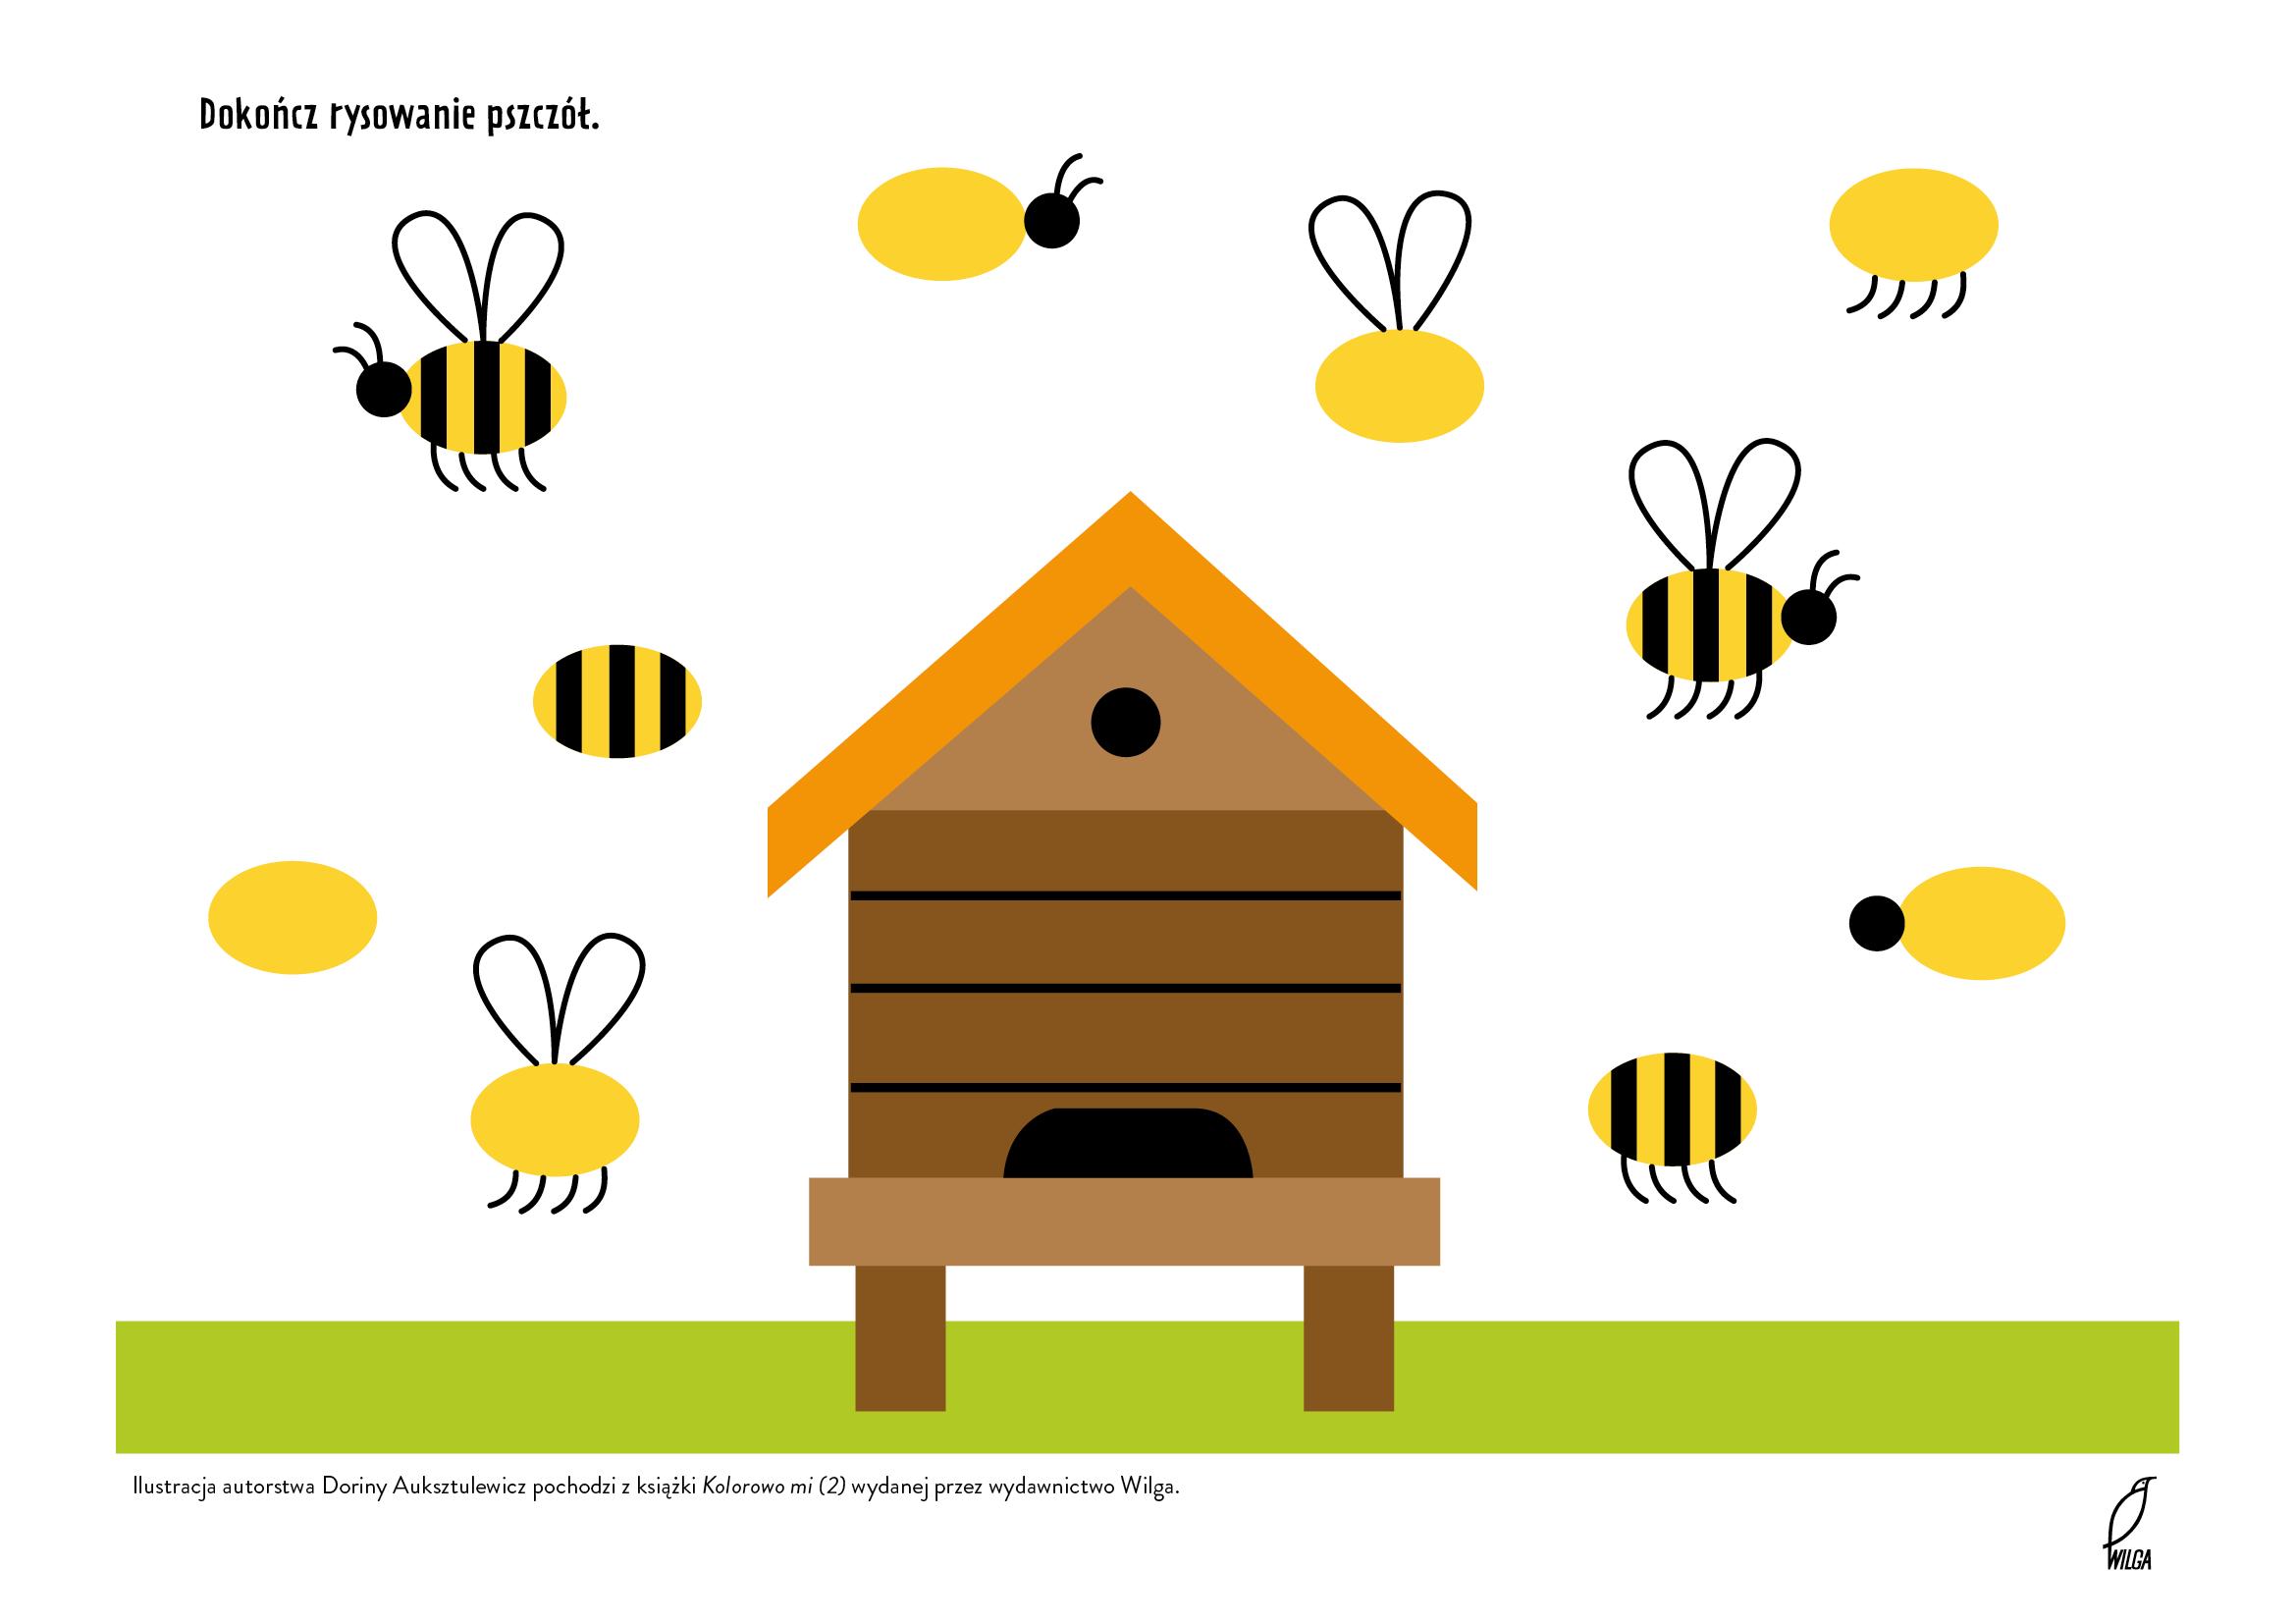 Dokończ rysowanie pszczół, karty pracy do wydruku dla przedszkolaków